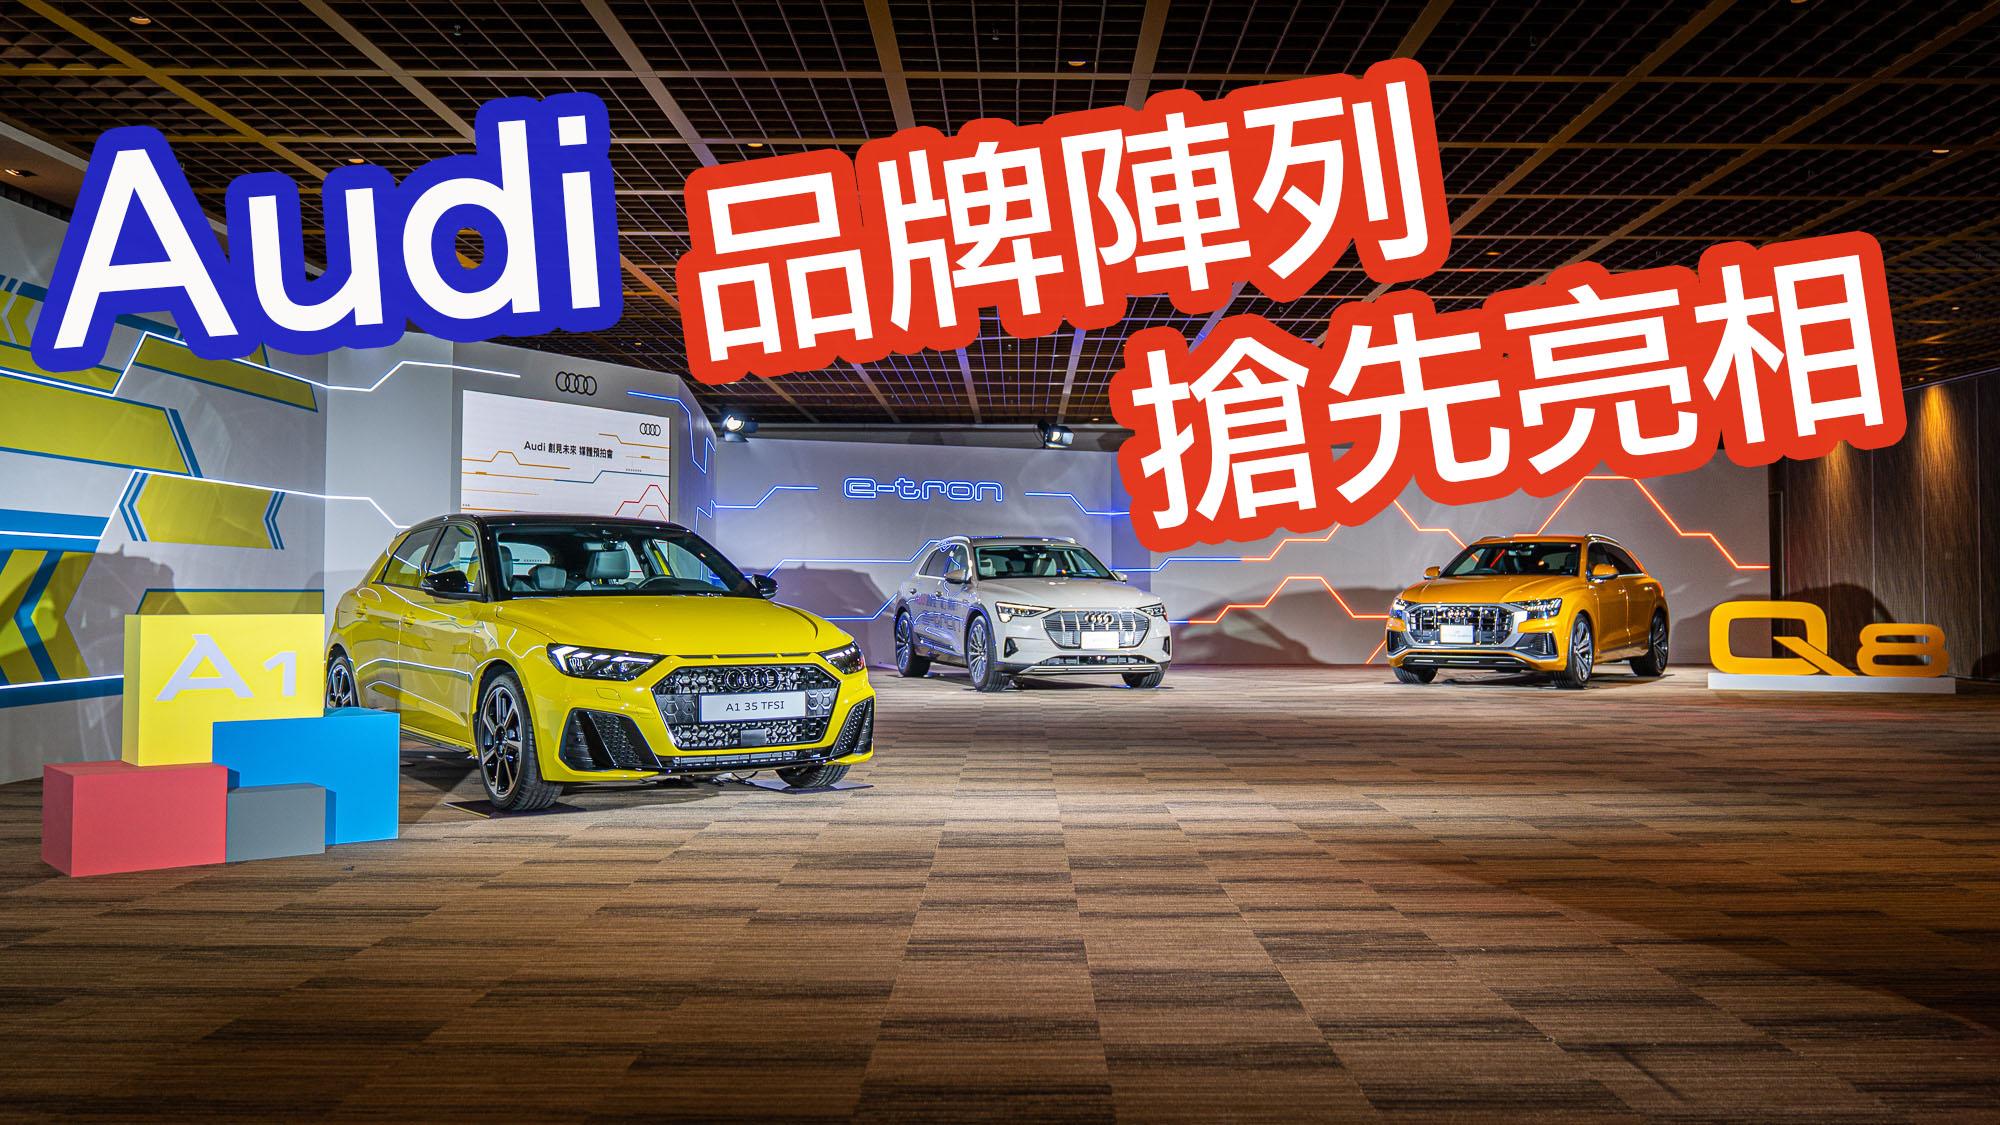 【HD影片】大改款 Audi A1展前搶先看!2020新車大展預賞會